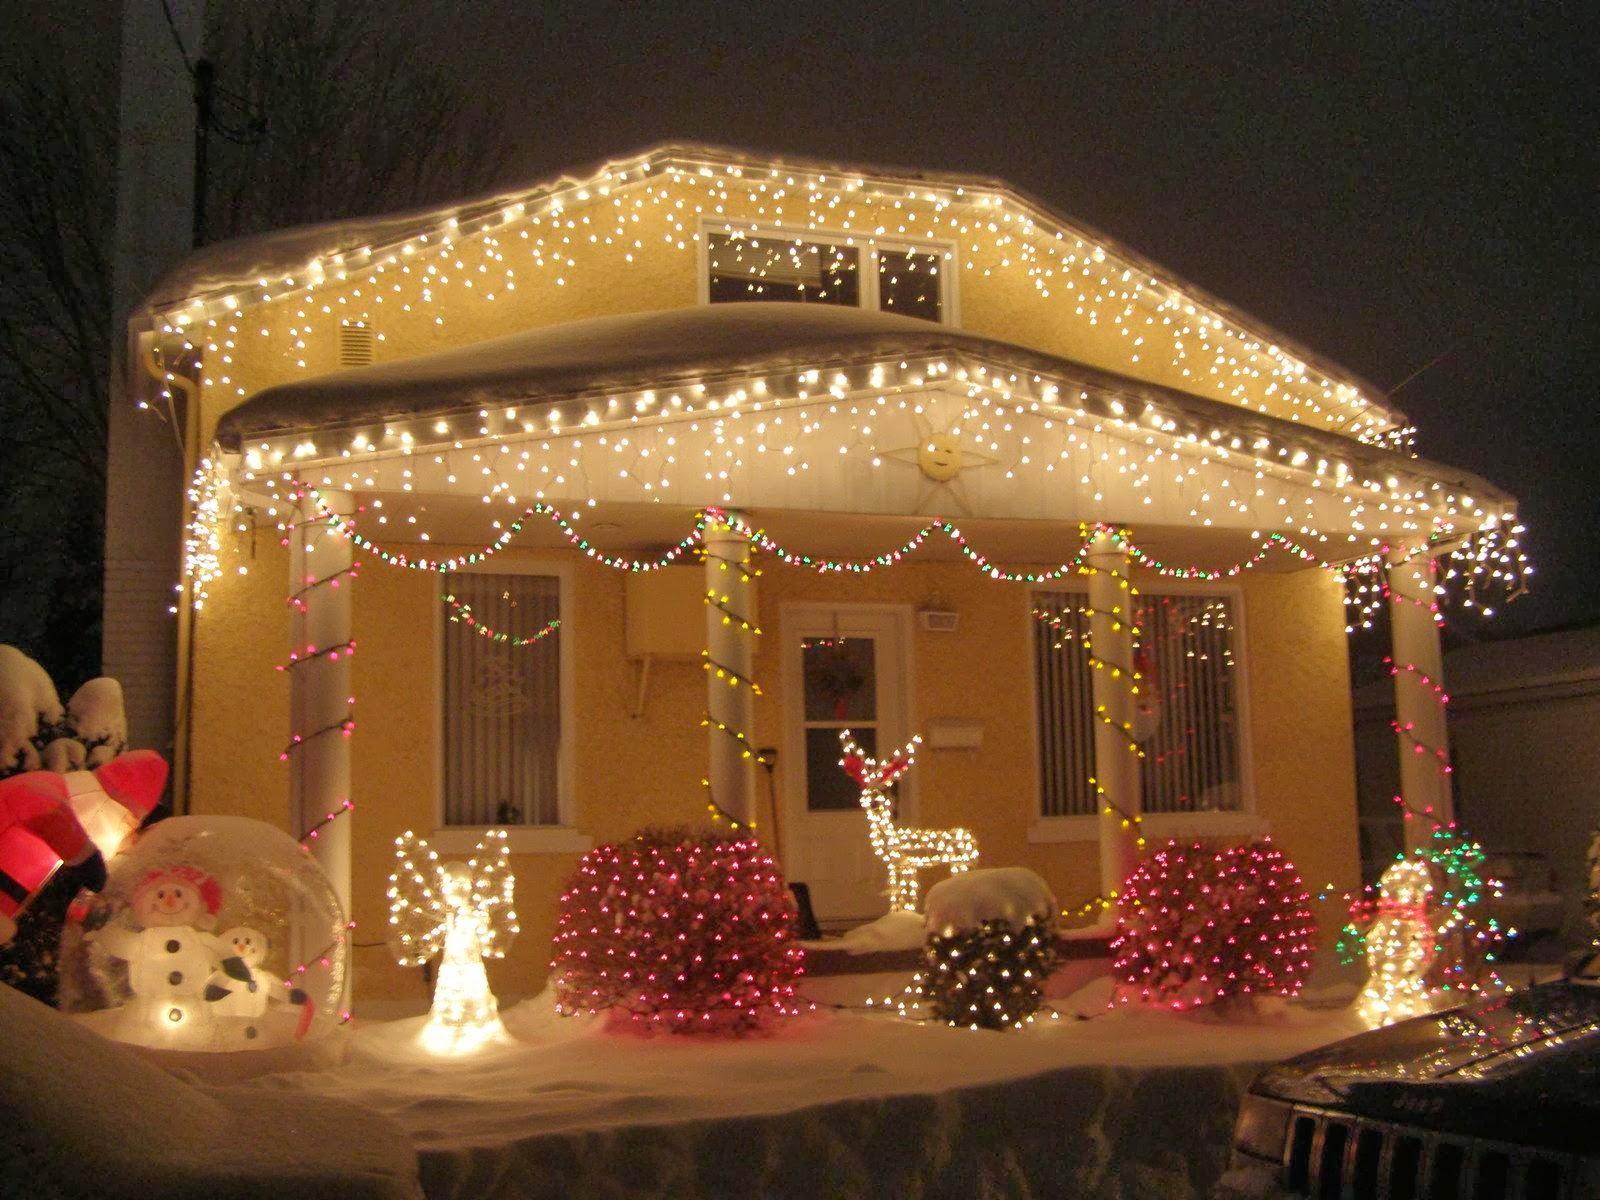 Las luces en navidad paperblog - Decoracion luces navidad ...